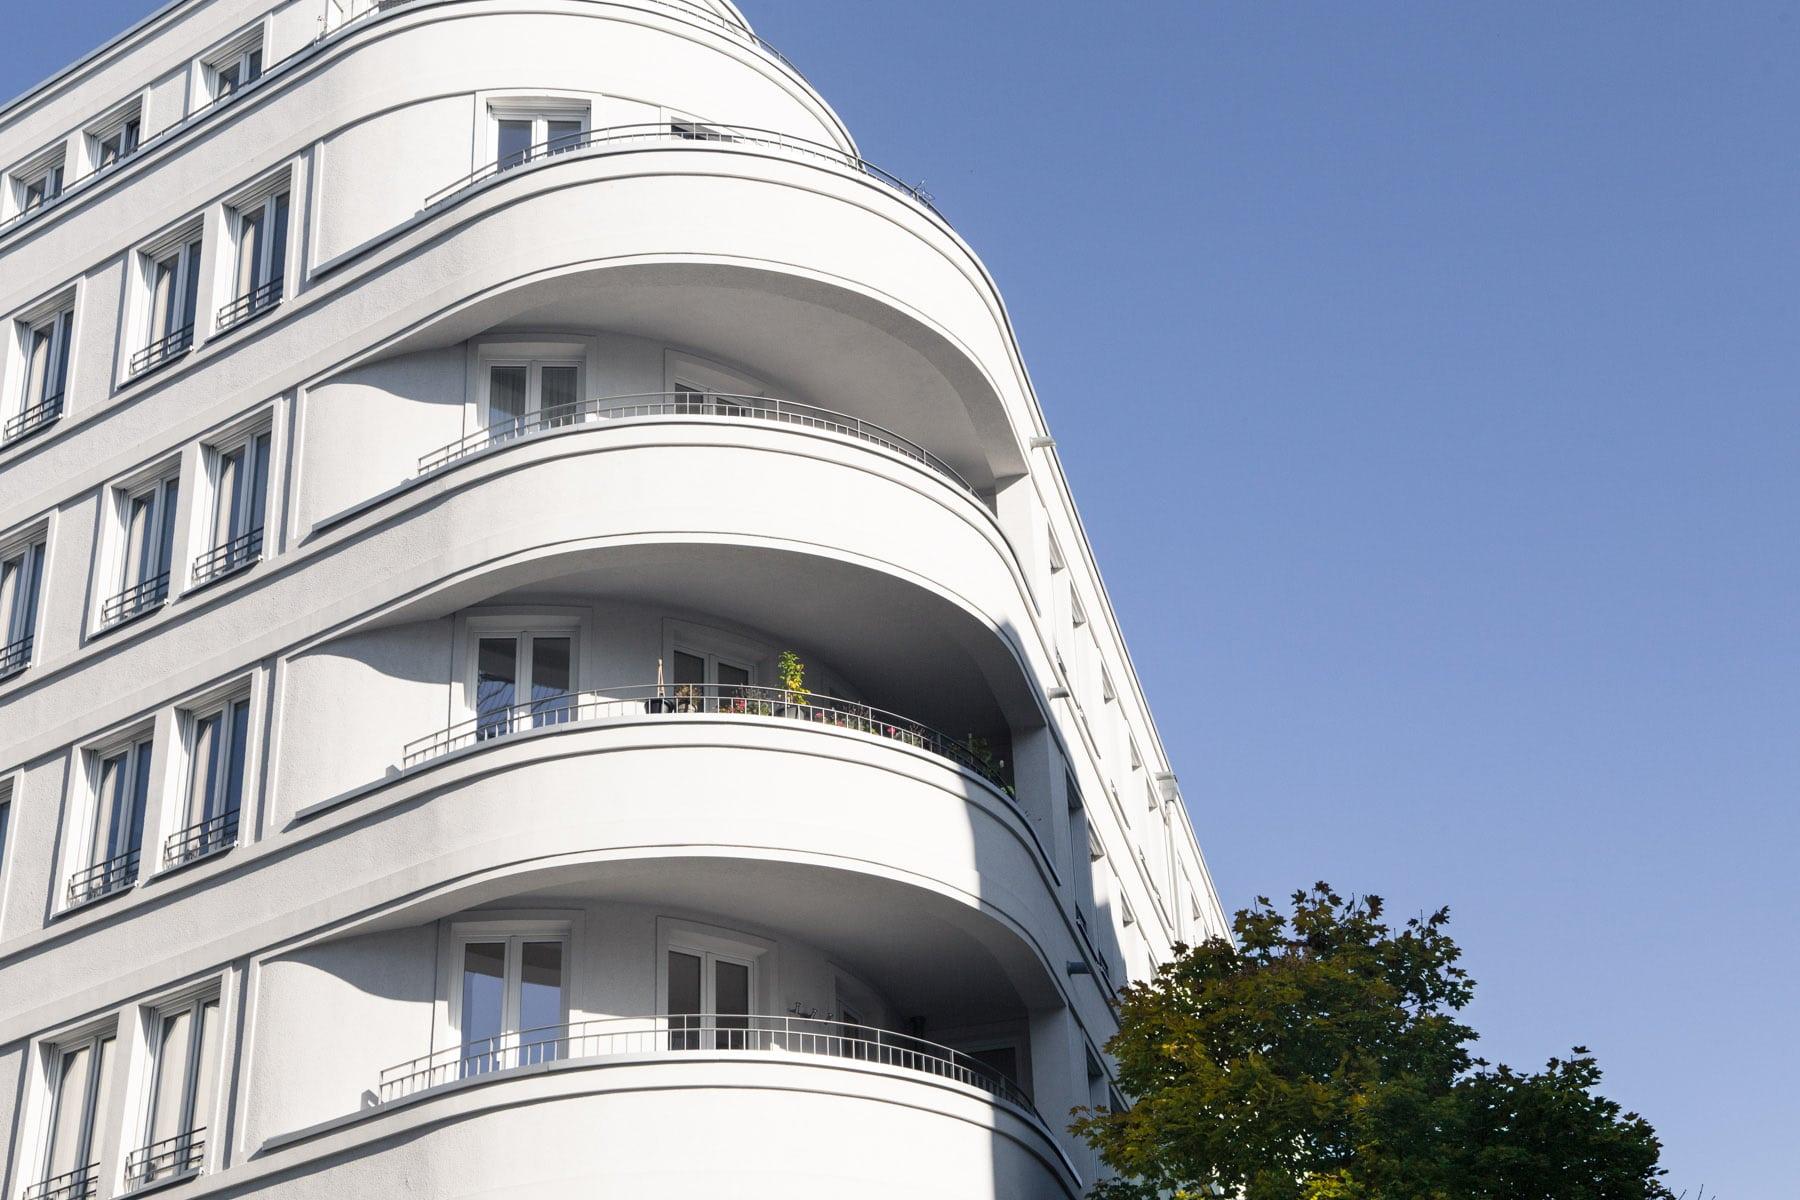 Eckhaus mit Balkon, Mitte, Berlin